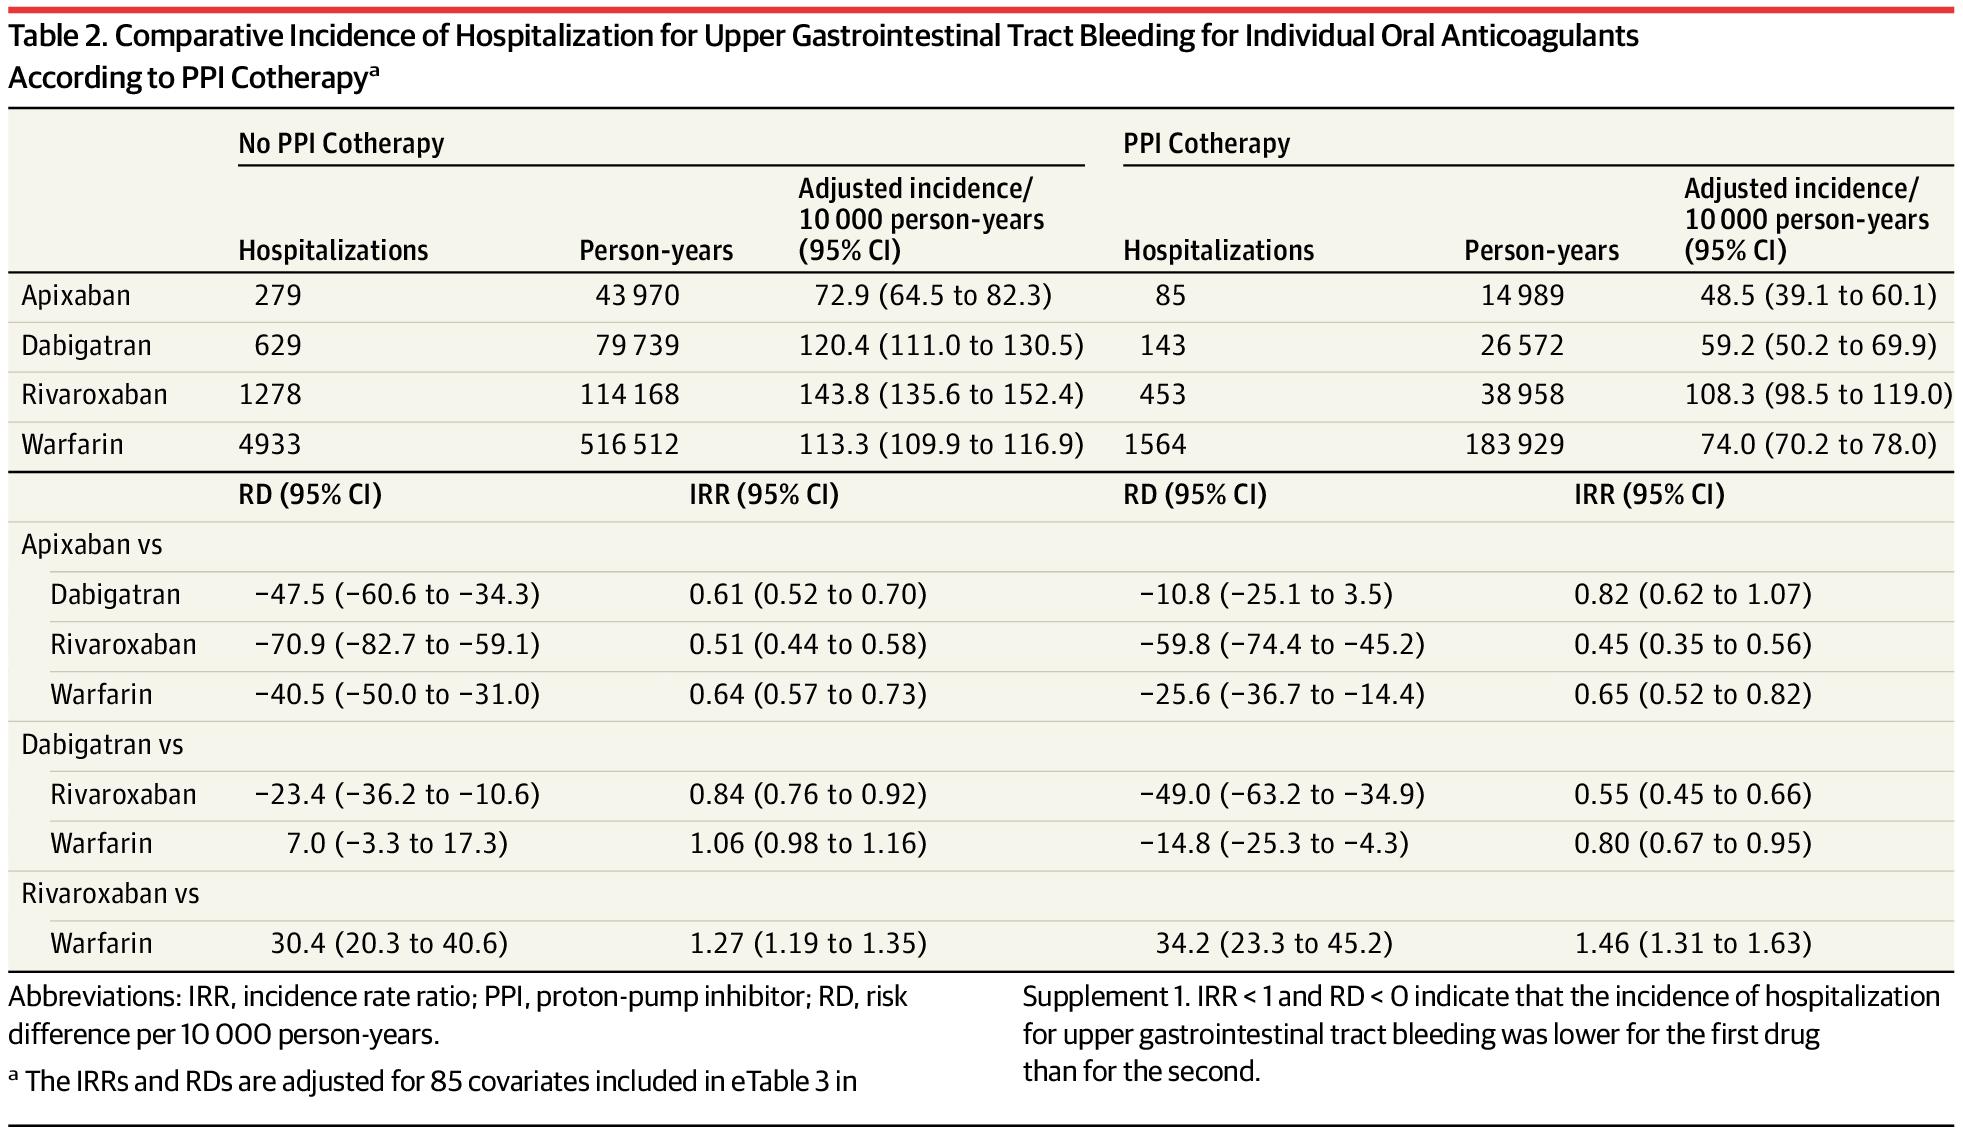 [JAMA最新论文]: 口服抗凝药联合质子泵抑制剂治疗与上消化道出血住院的相关性